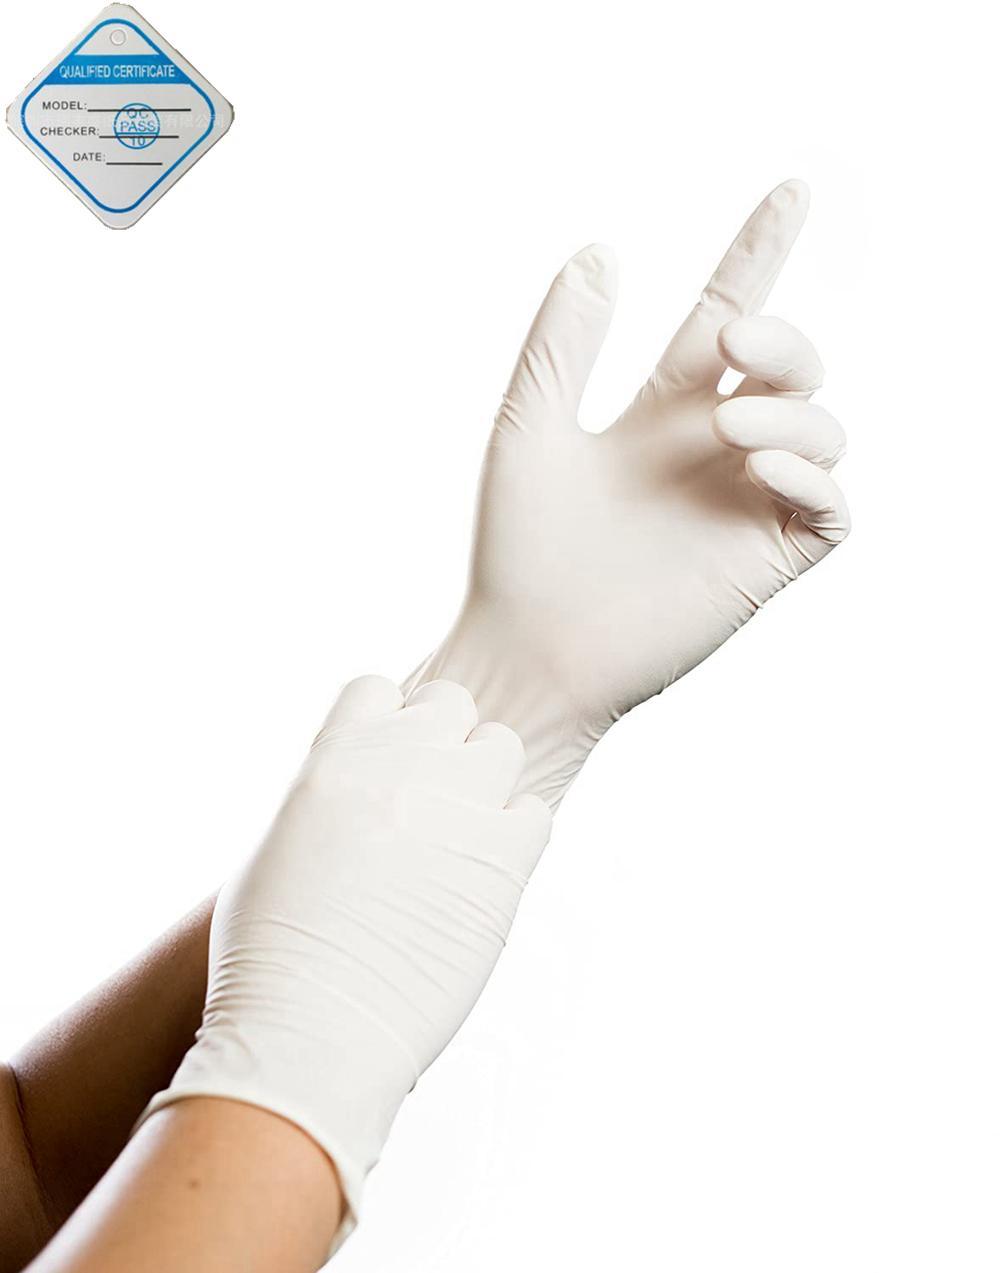 """Костюм для чистых помещений Совместимость Перчатки неопудренные текстурированные нитриловые, 10"""" Длина, Medium, White (Pack 100)"""